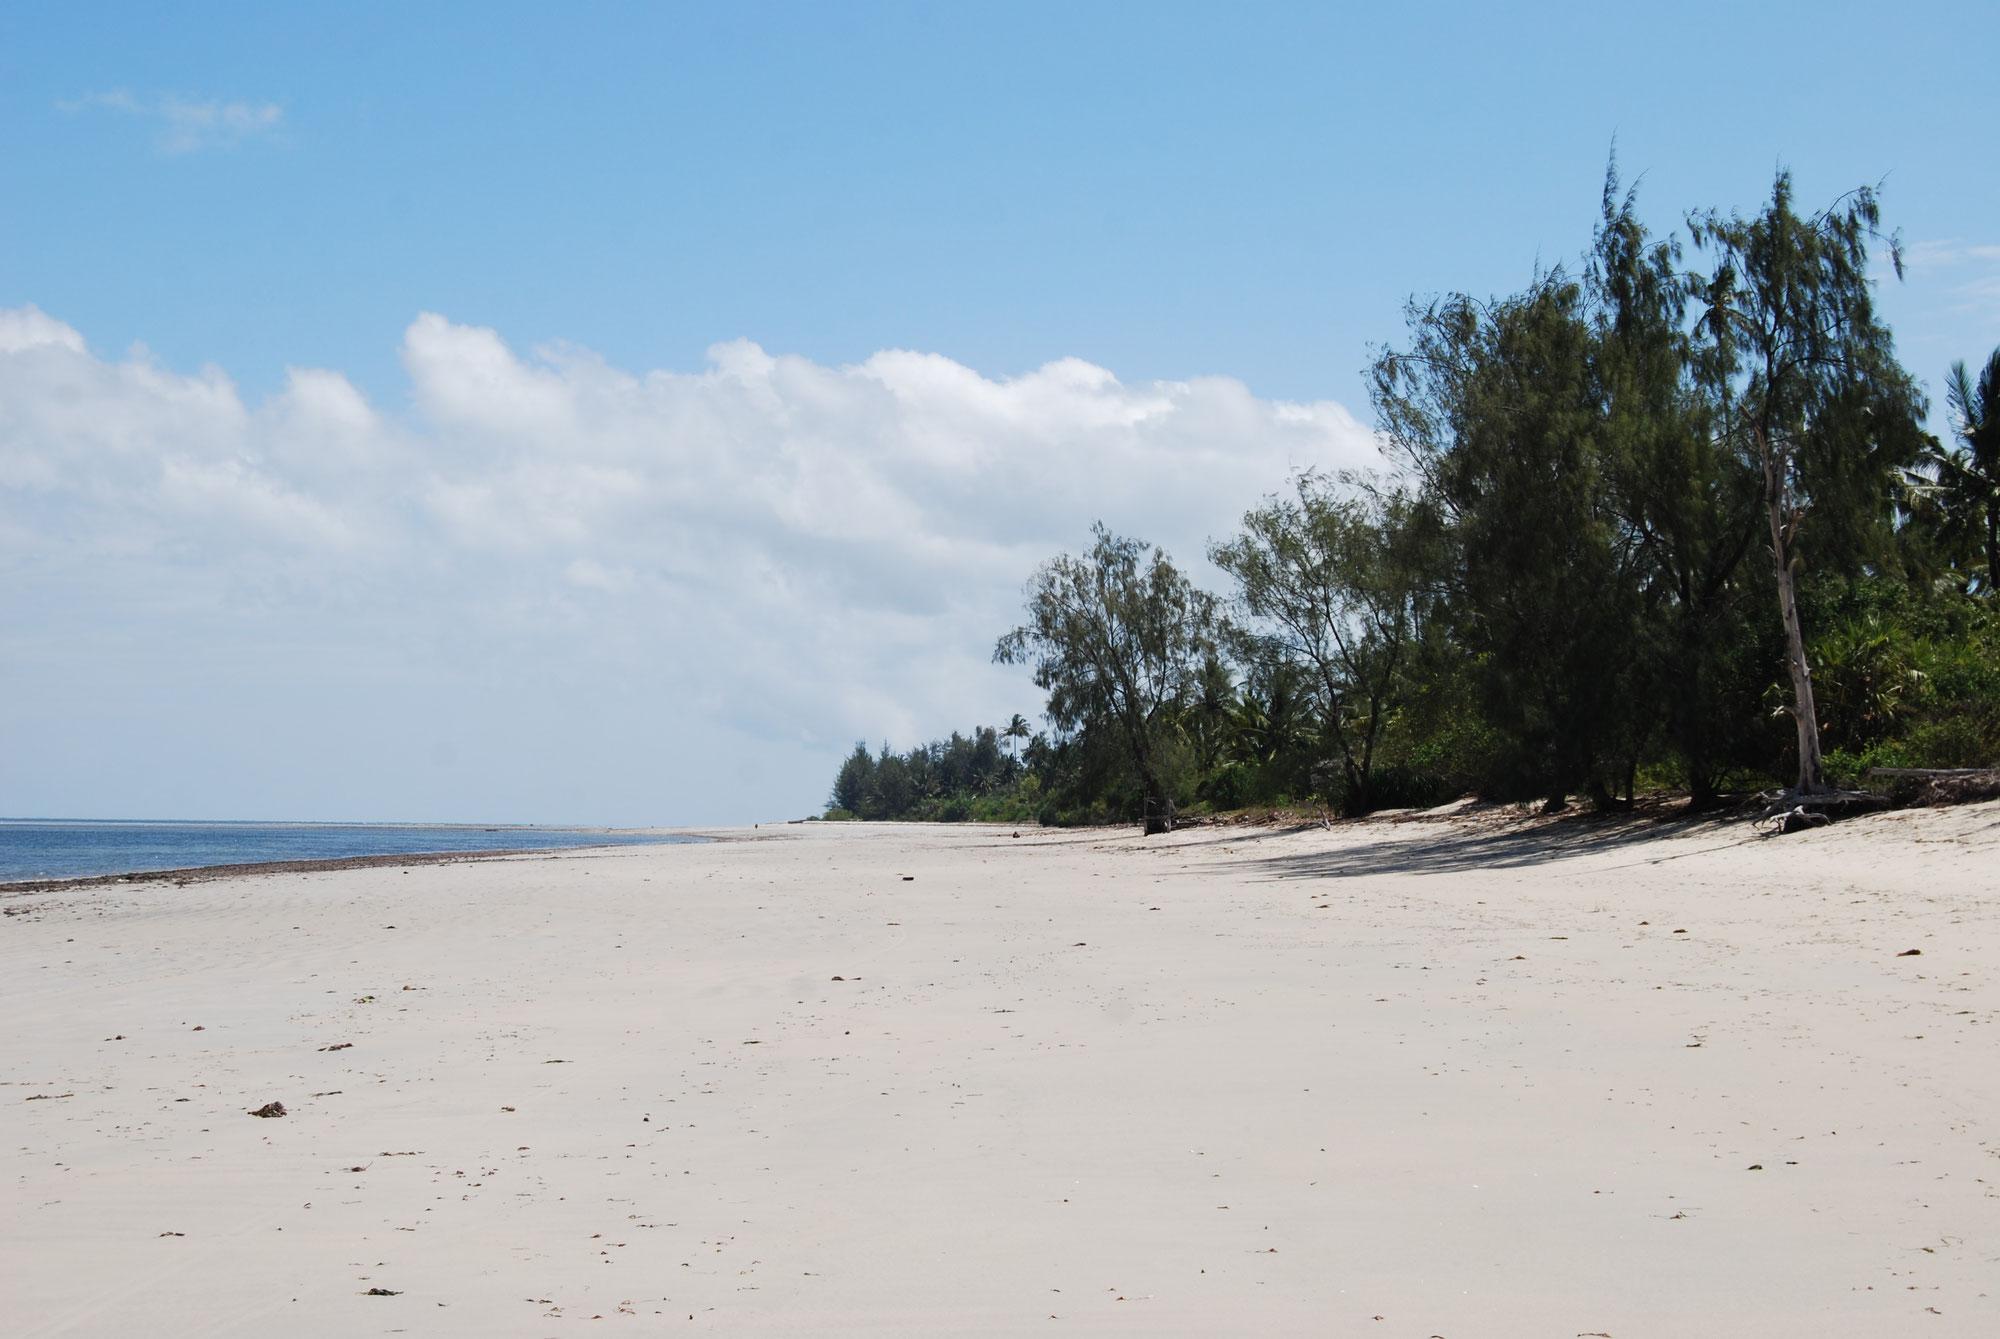 Ushongo Beach - traumhafte und menschenleere Strände an der Nordküste Tansanias